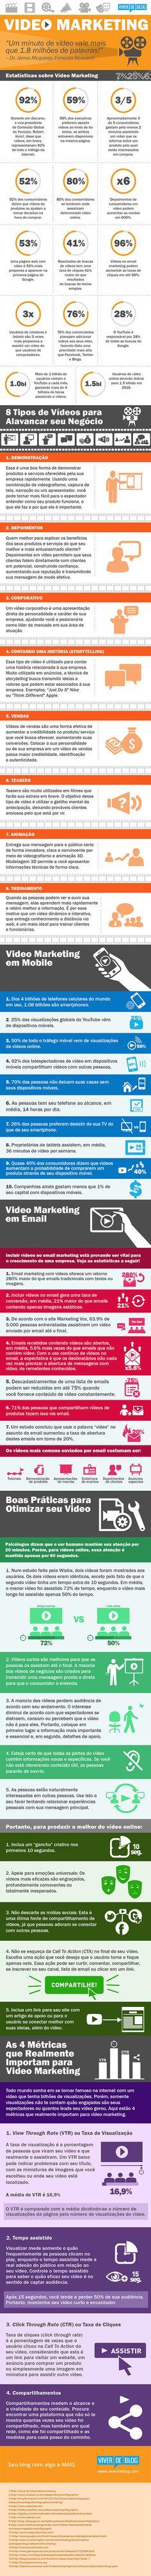 VdB VideoMarketing 600px [Infográfico] Video Marketing: Um minuto de vídeo vale mais que 1.8 milhões de palavras!